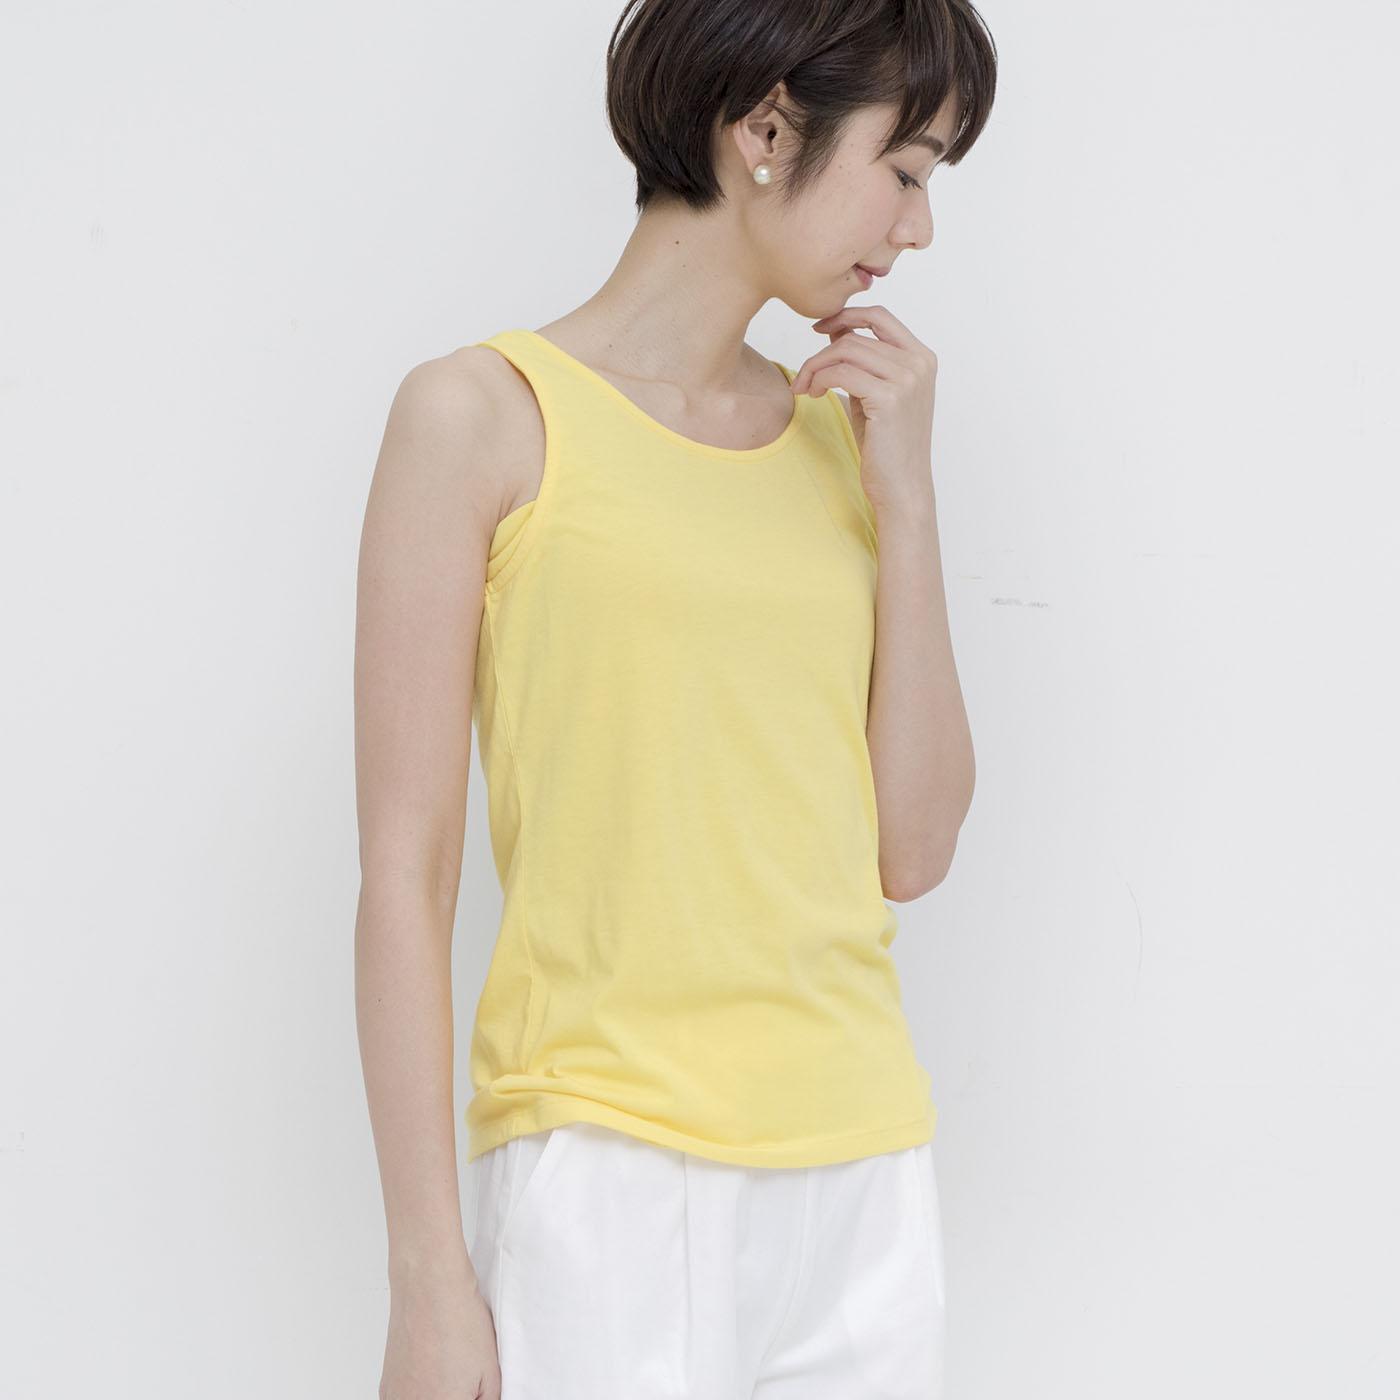 広すぎず詰まりすぎない衿もとで、インナーとして使いやすい。